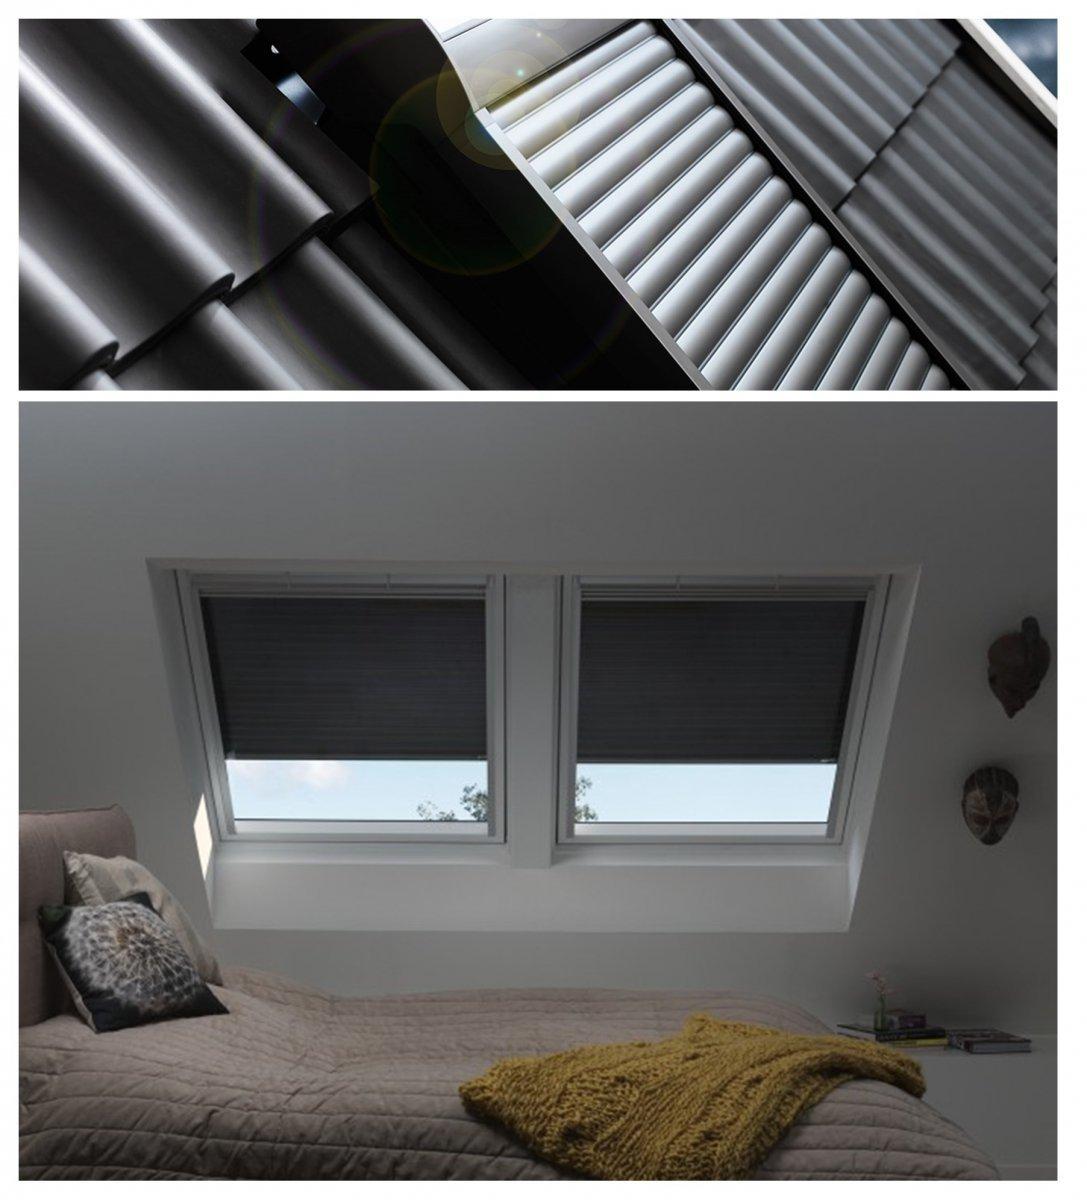 Velux Dachfenster Außenrollladen Ssl 0000s Aluminium Integra Solar